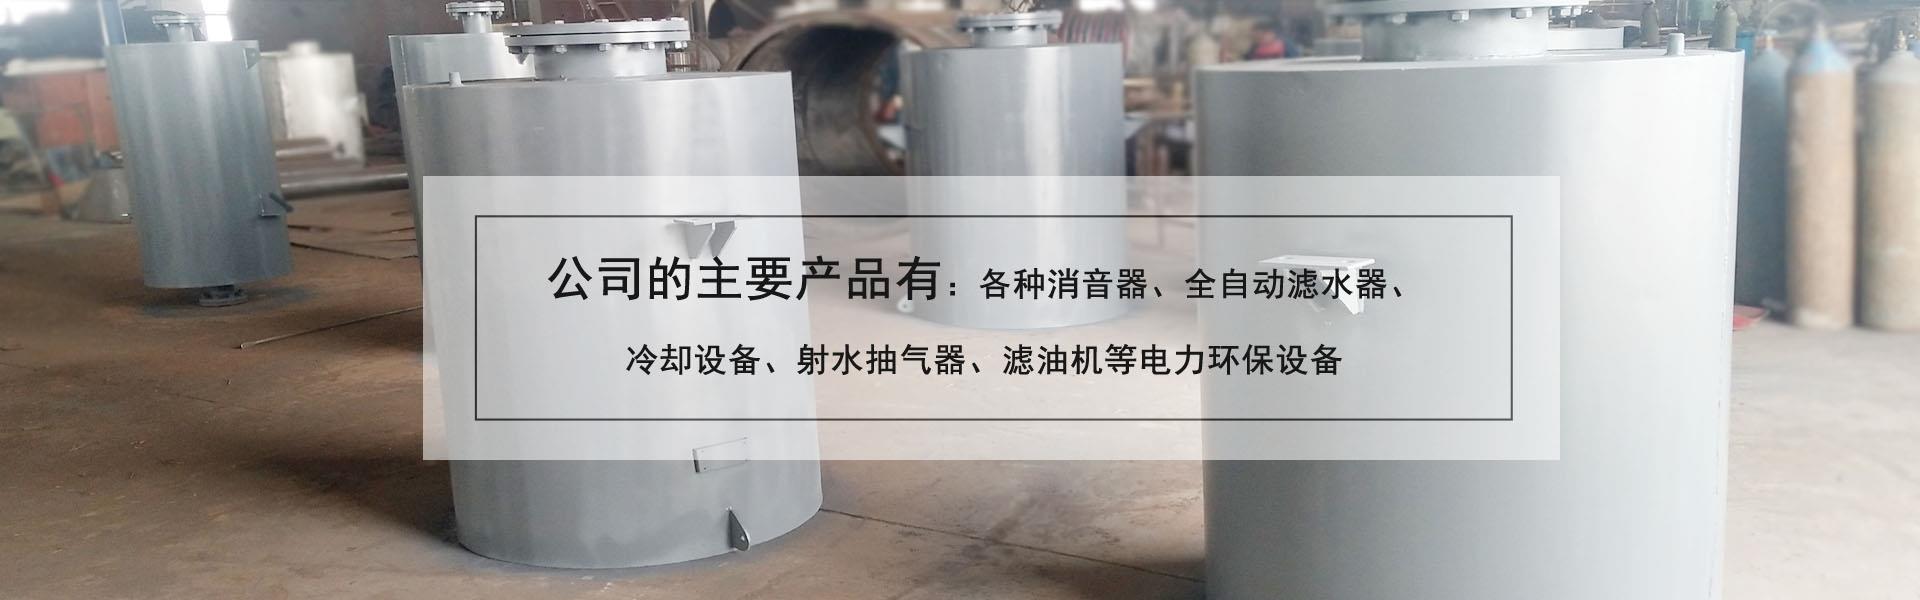 连云港市沙巴体yu机械she备有限gong司